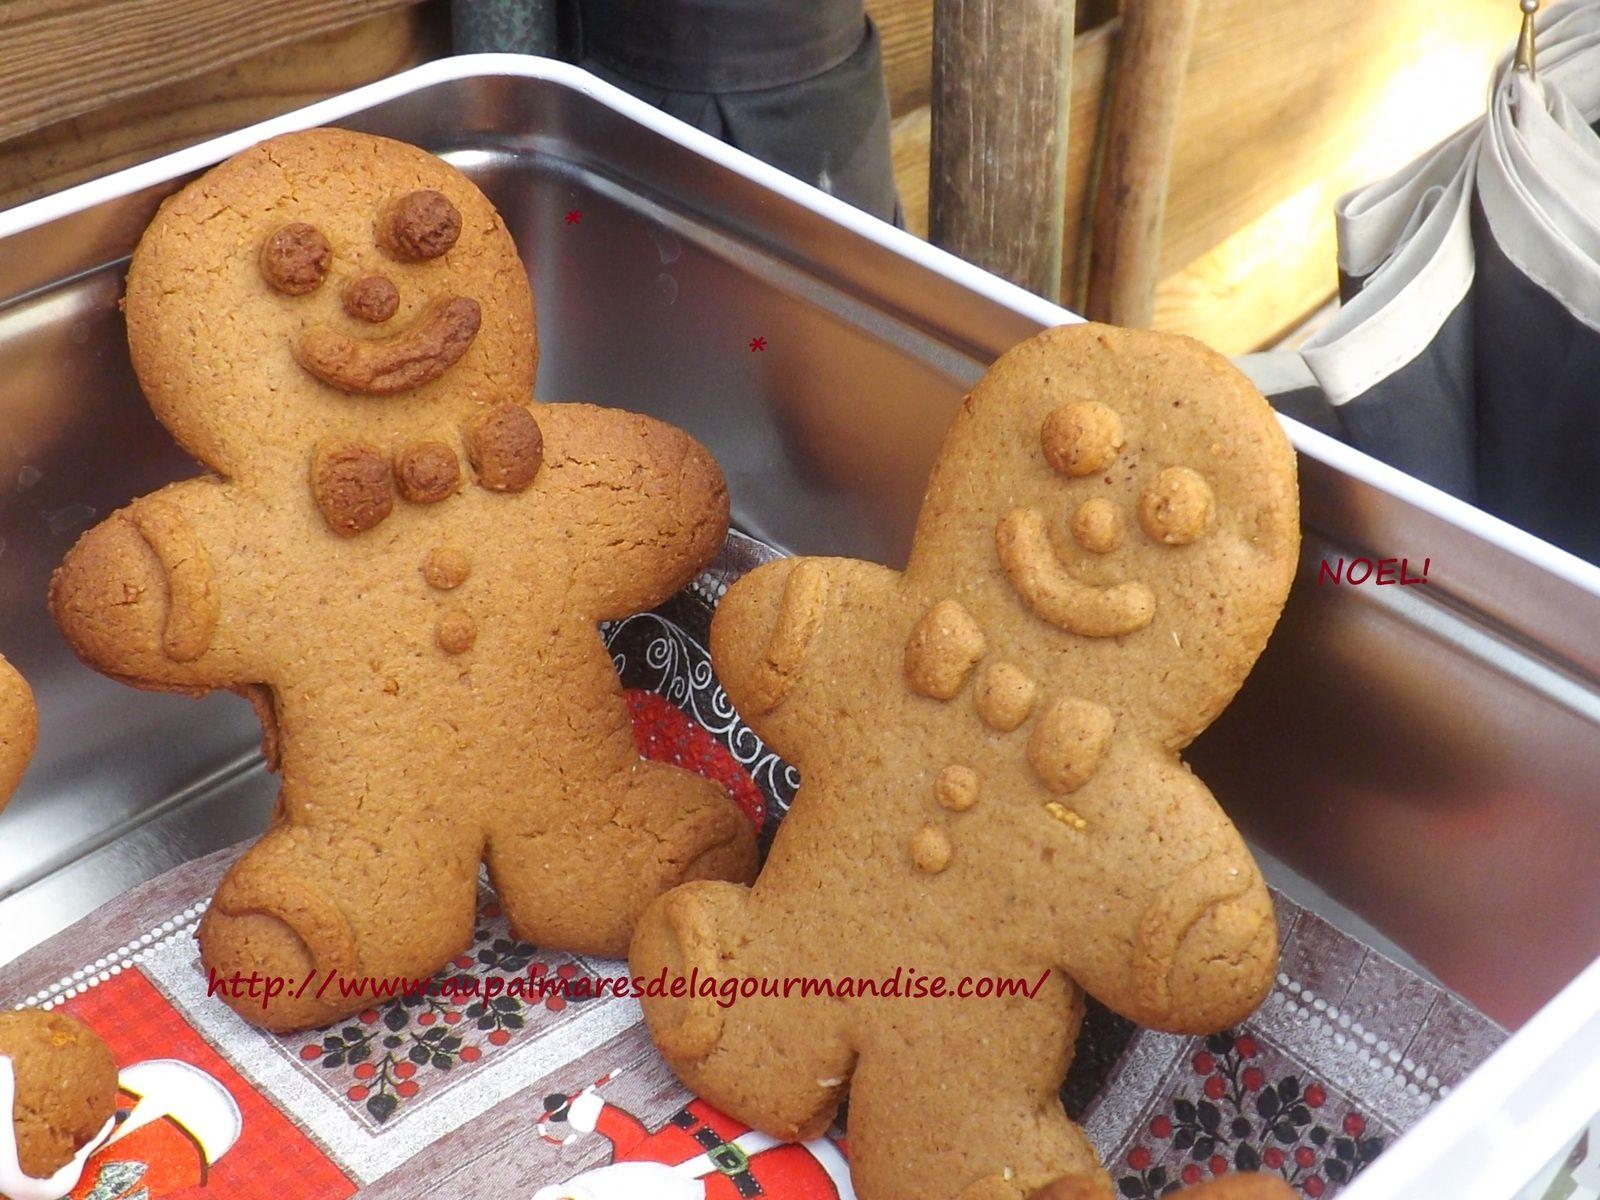 Ne sont ils pas  croquer ces savoureux petits bonhommes en pain d épices Moi je les adore gingerbread christmas cookies ou bonhommes en pain d épices de